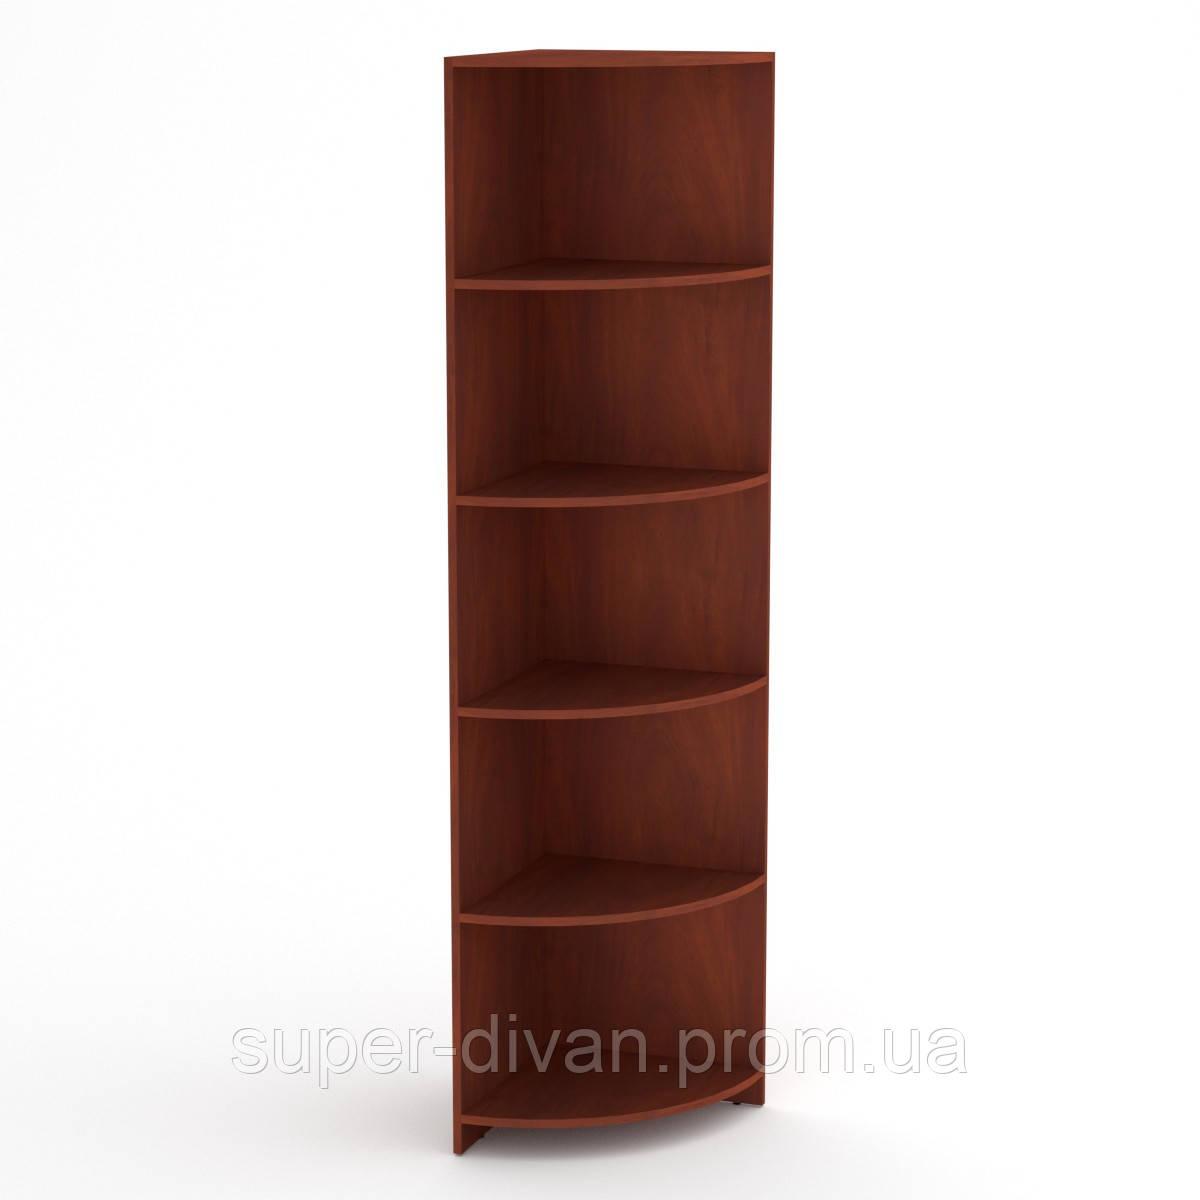 Шкаф Книжный Пенал-2